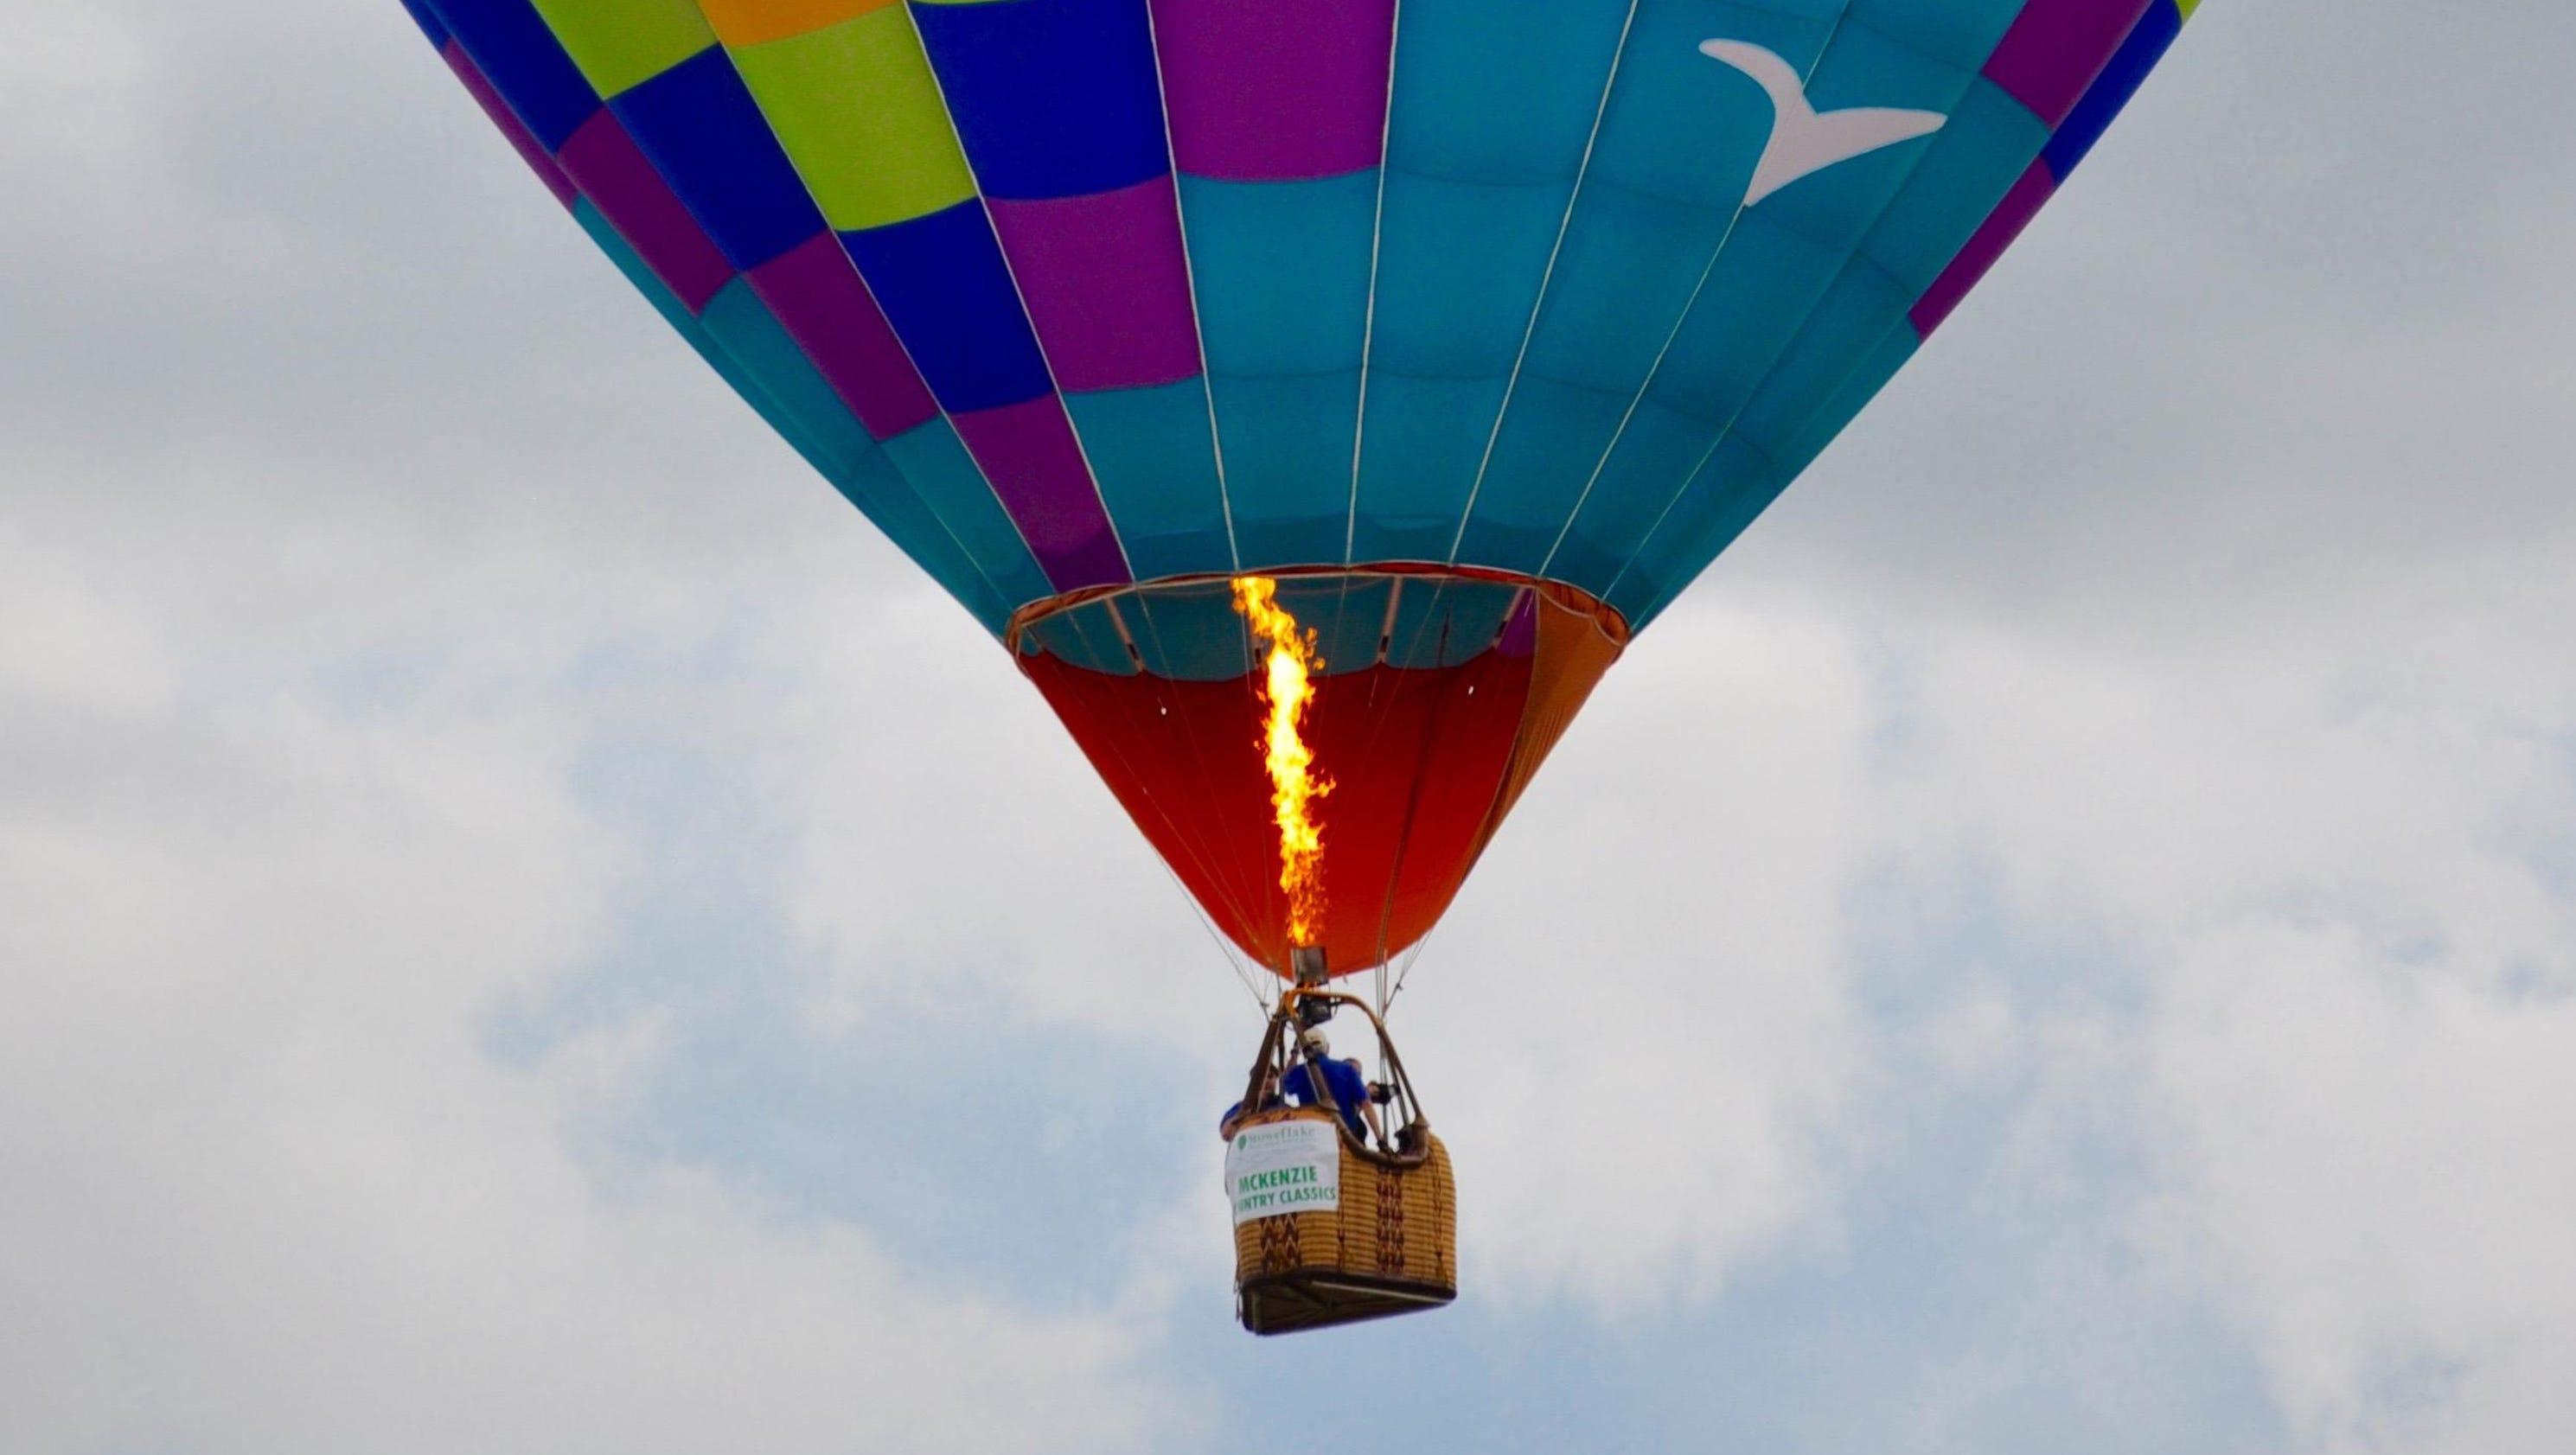 Rare Hot Air Balloon Templates dragon ball z coloring games power ...